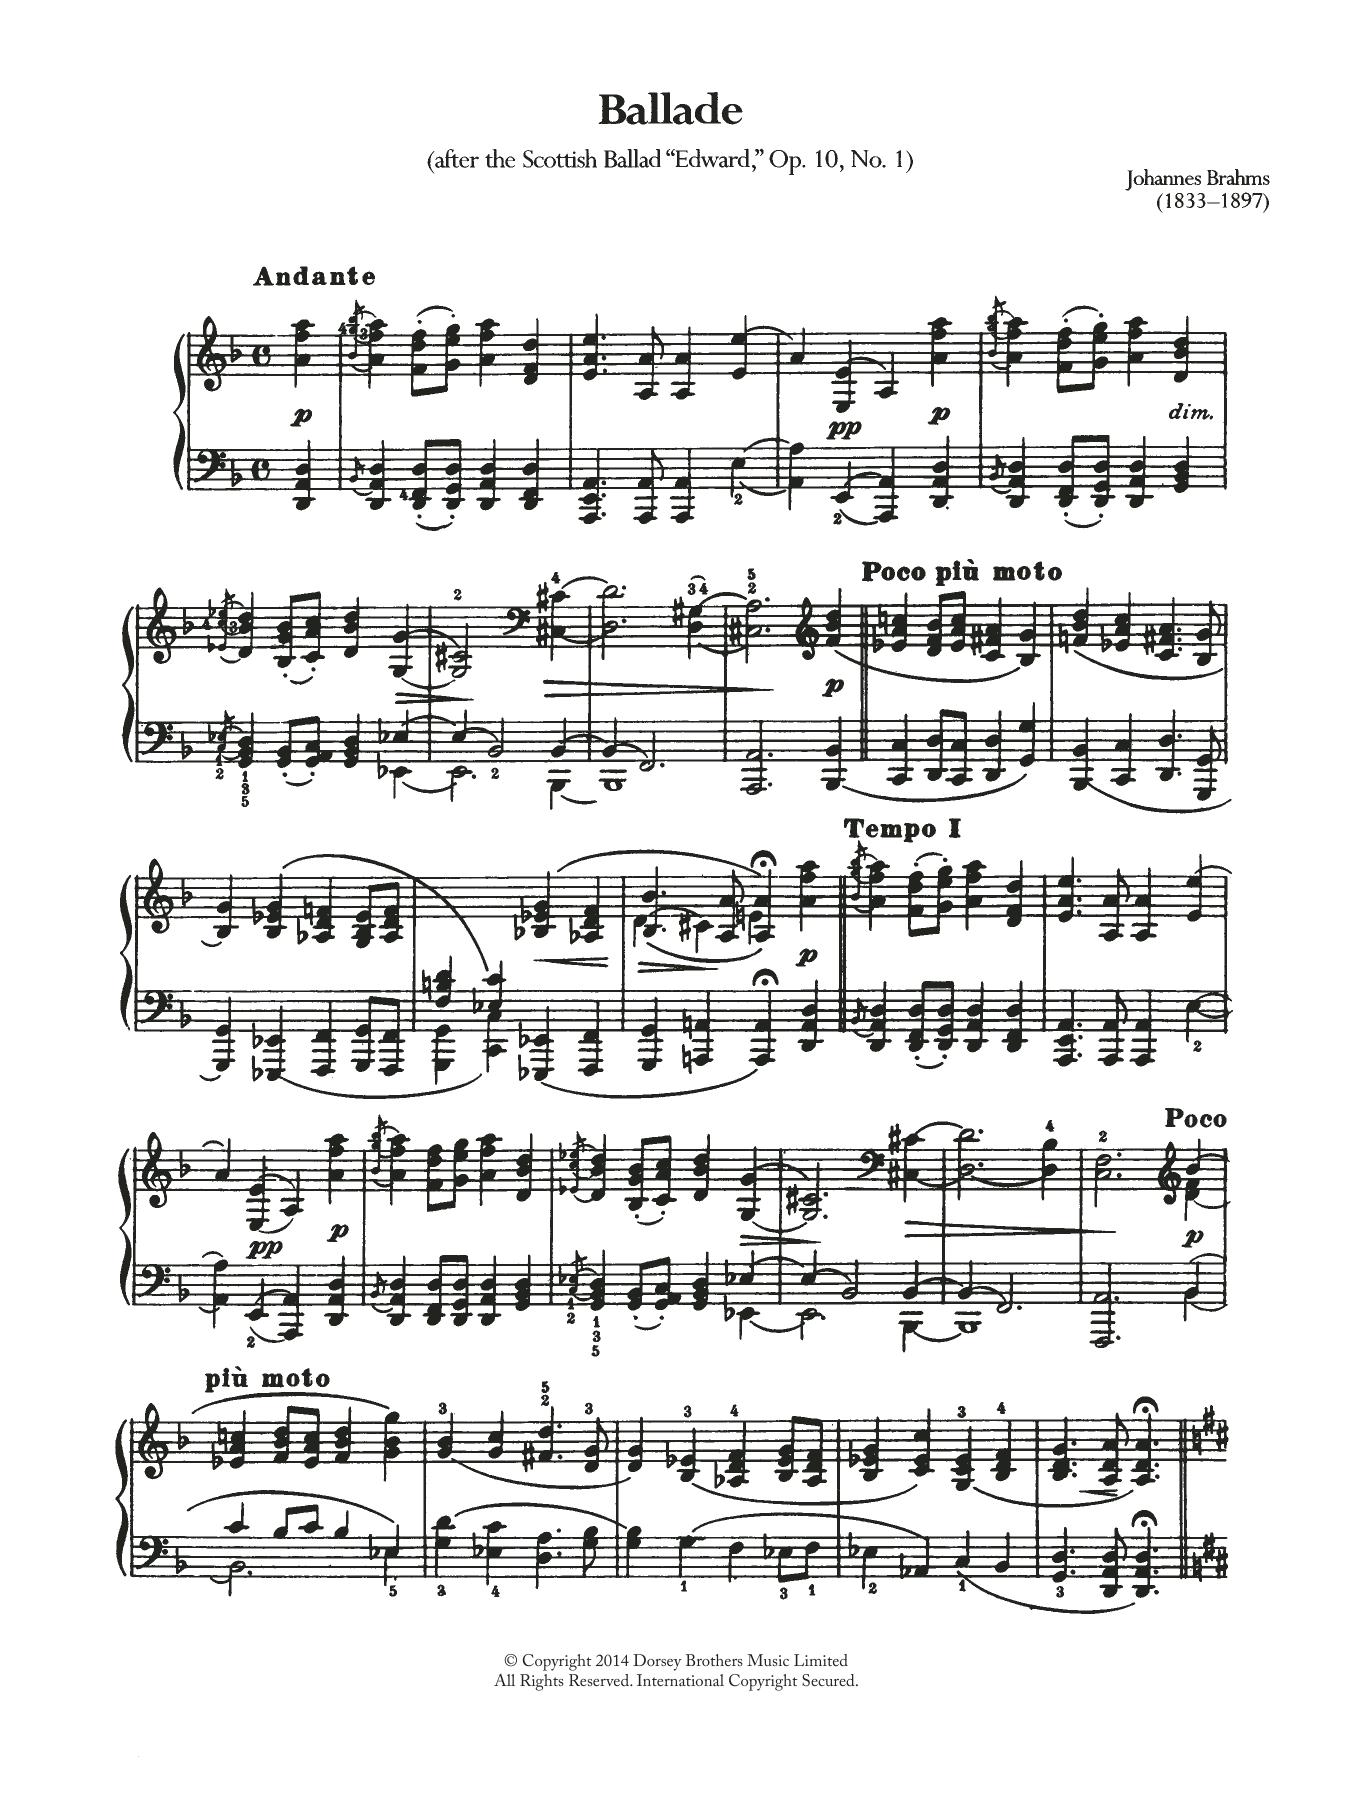 Johannes Brahms - Ballade, Op.10 No.1